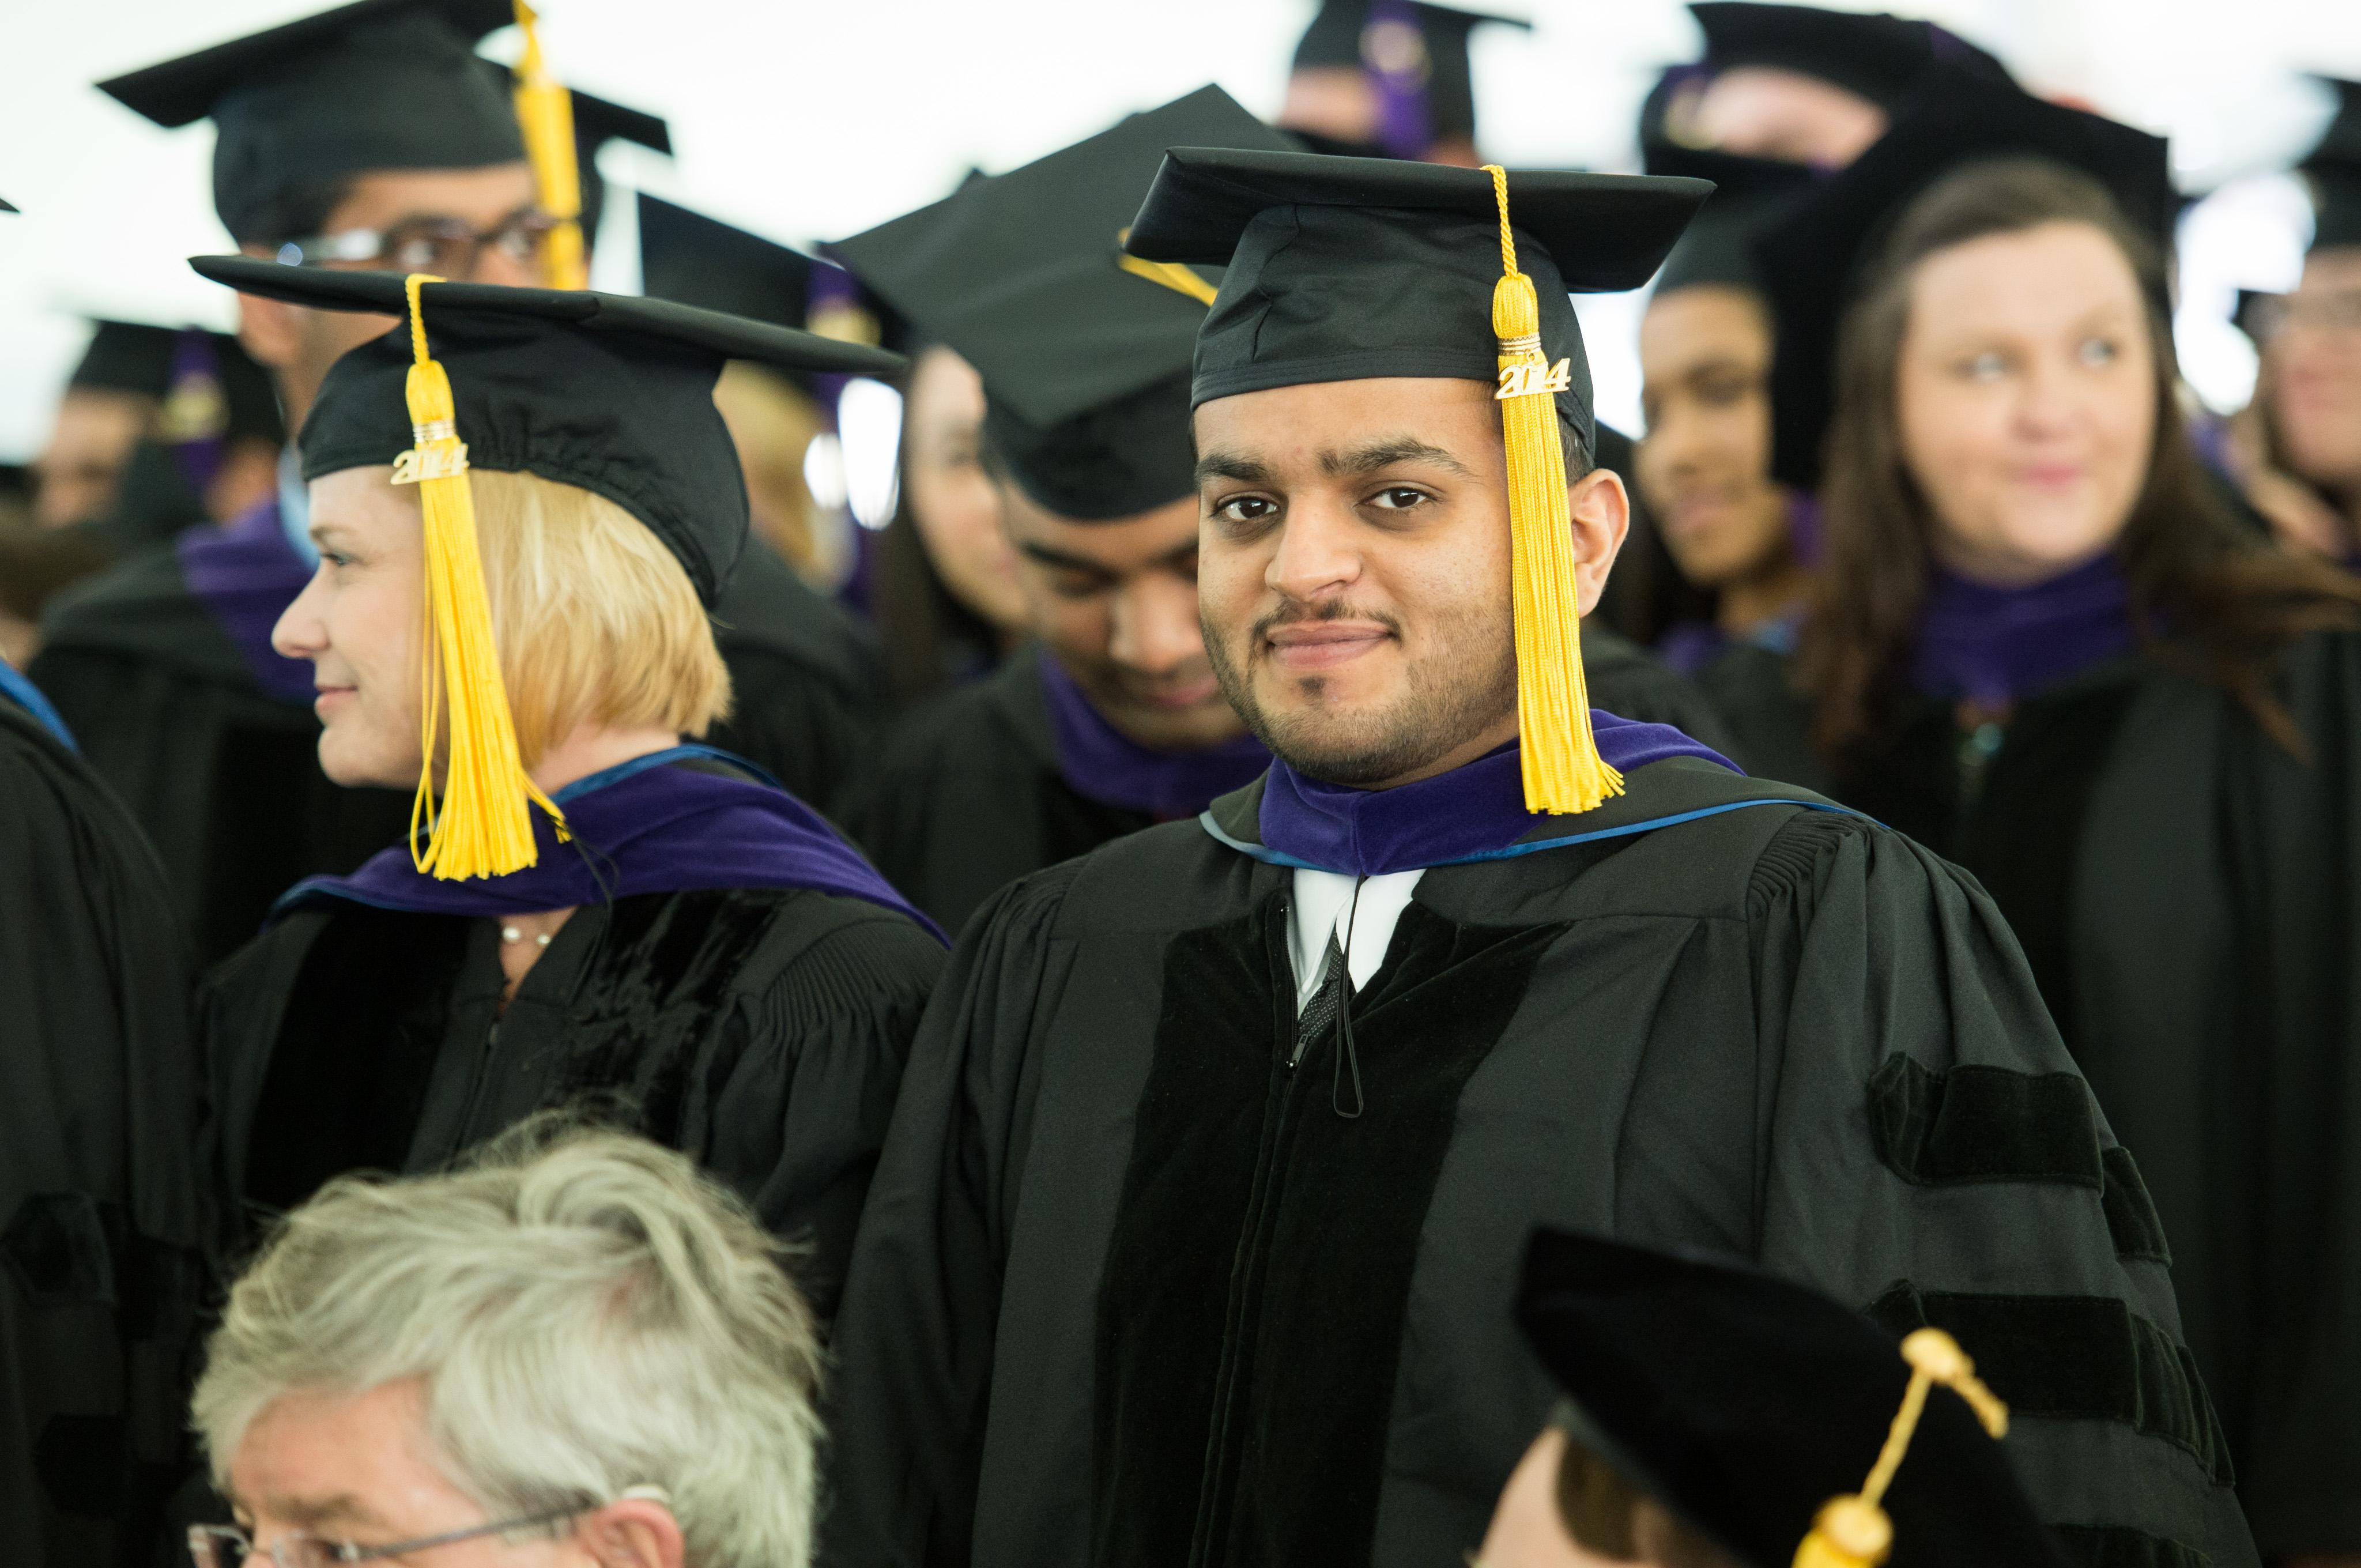 UConn student